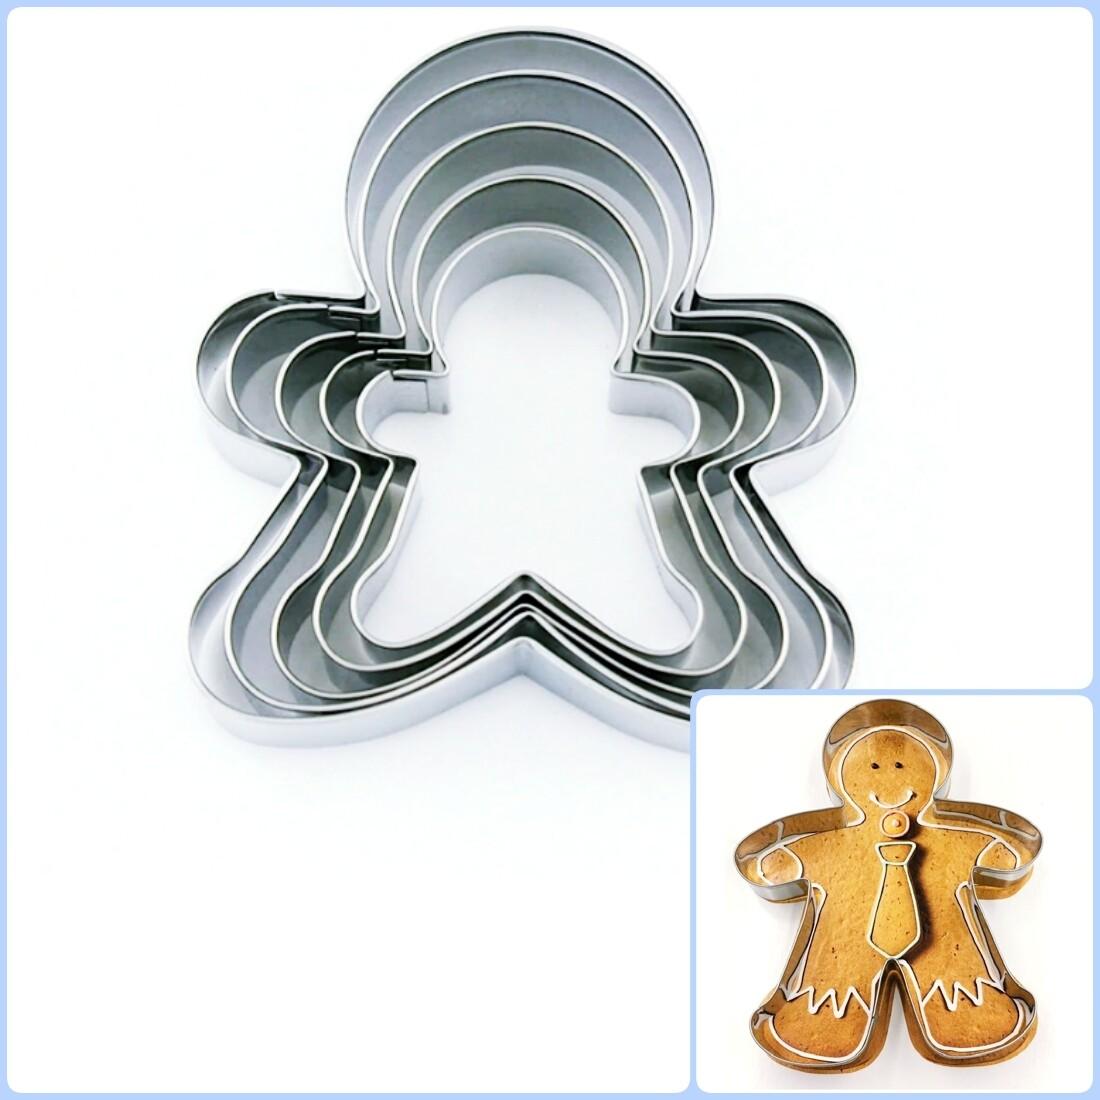 Вырубка стальная Пряничный Человек ∅ 5-8 см   Набор 3-5 фигур